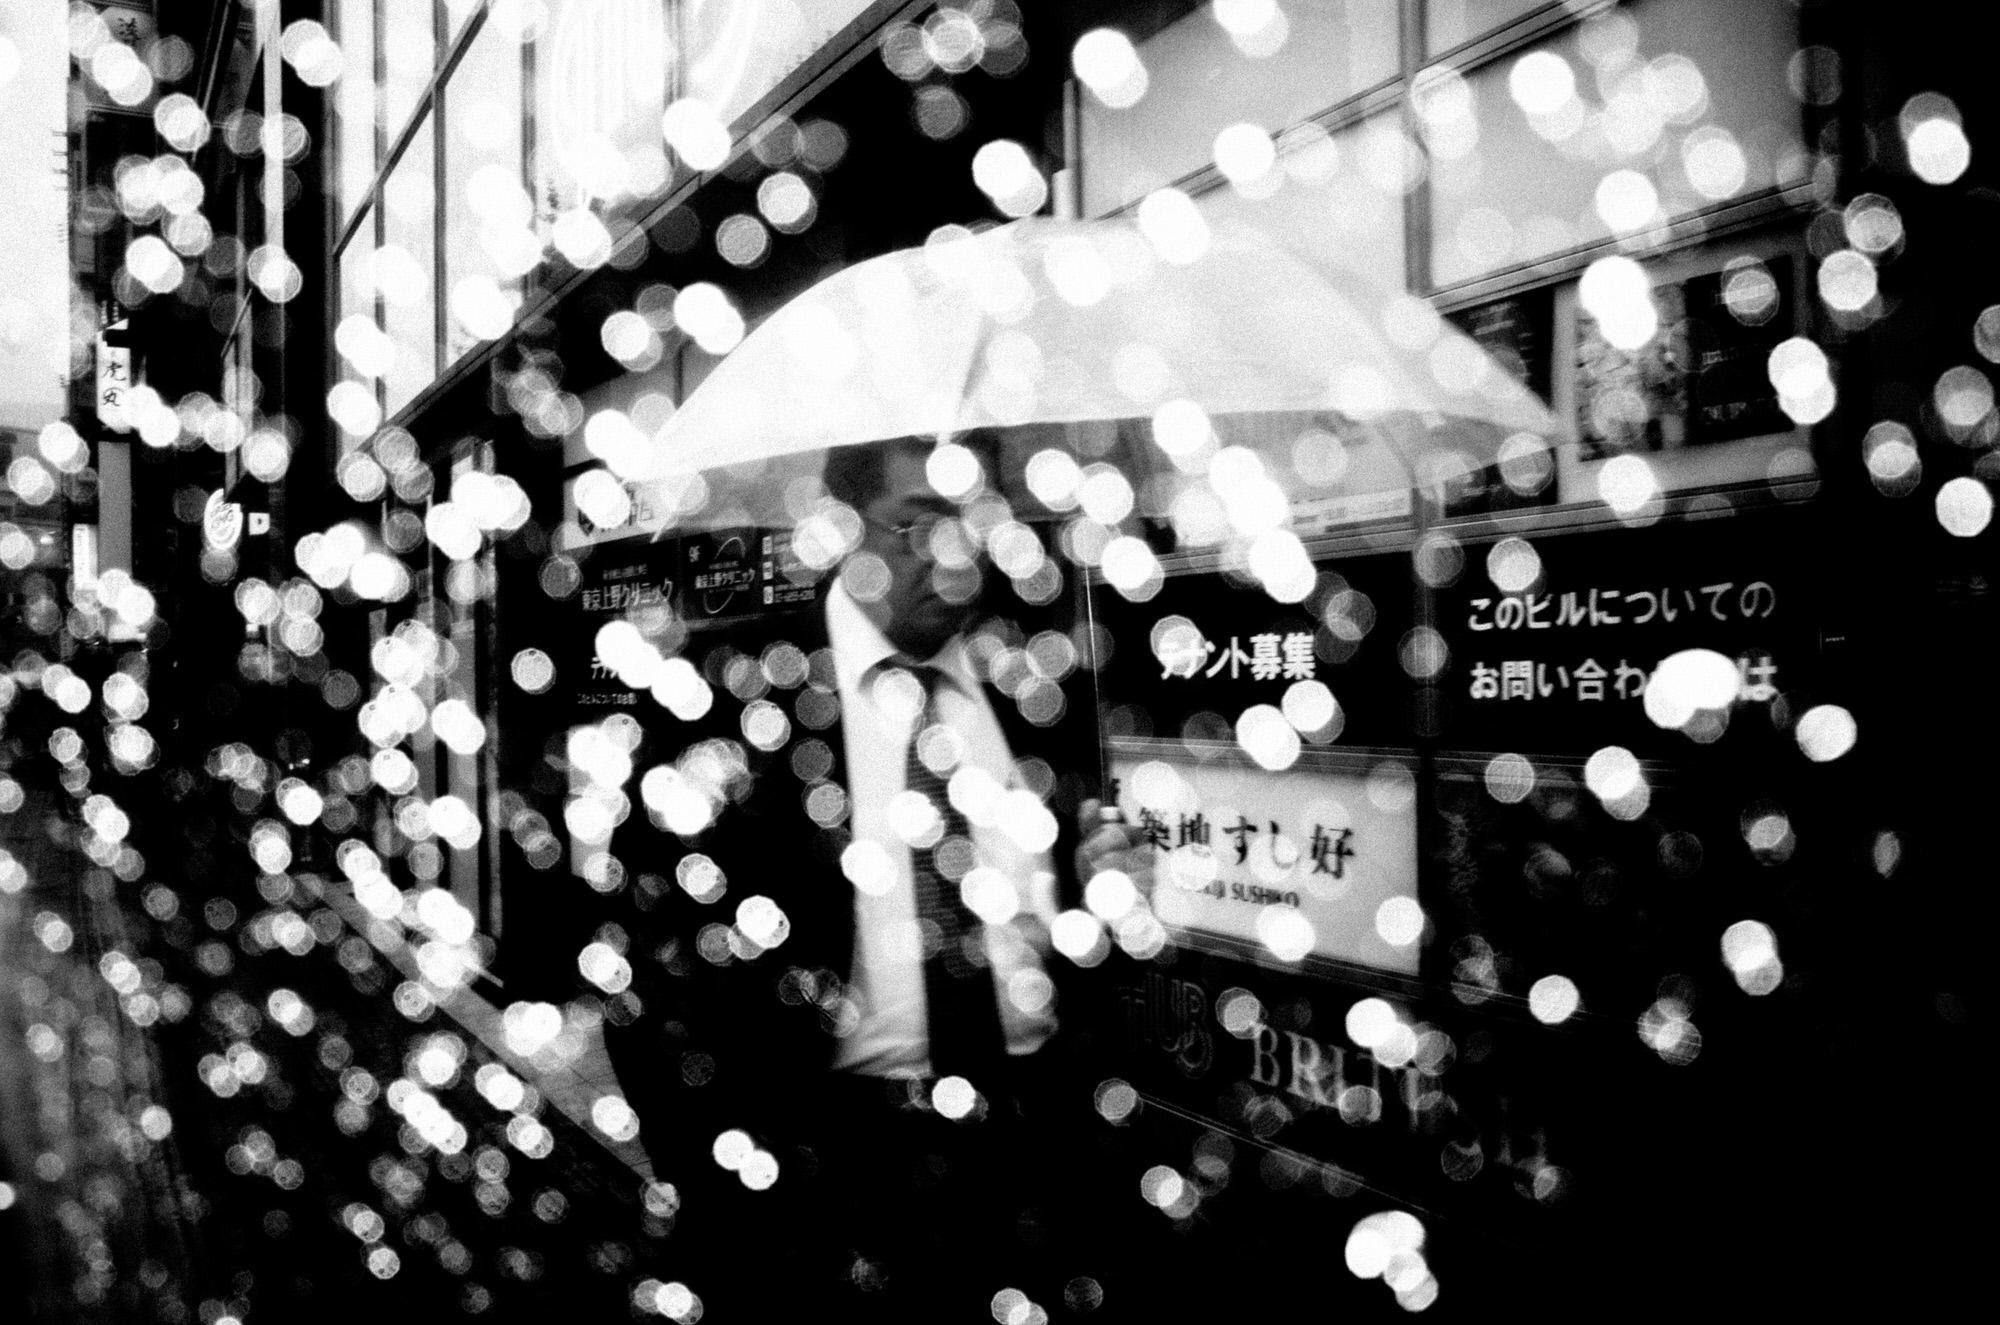 dark skies over tokyo - eric kim6